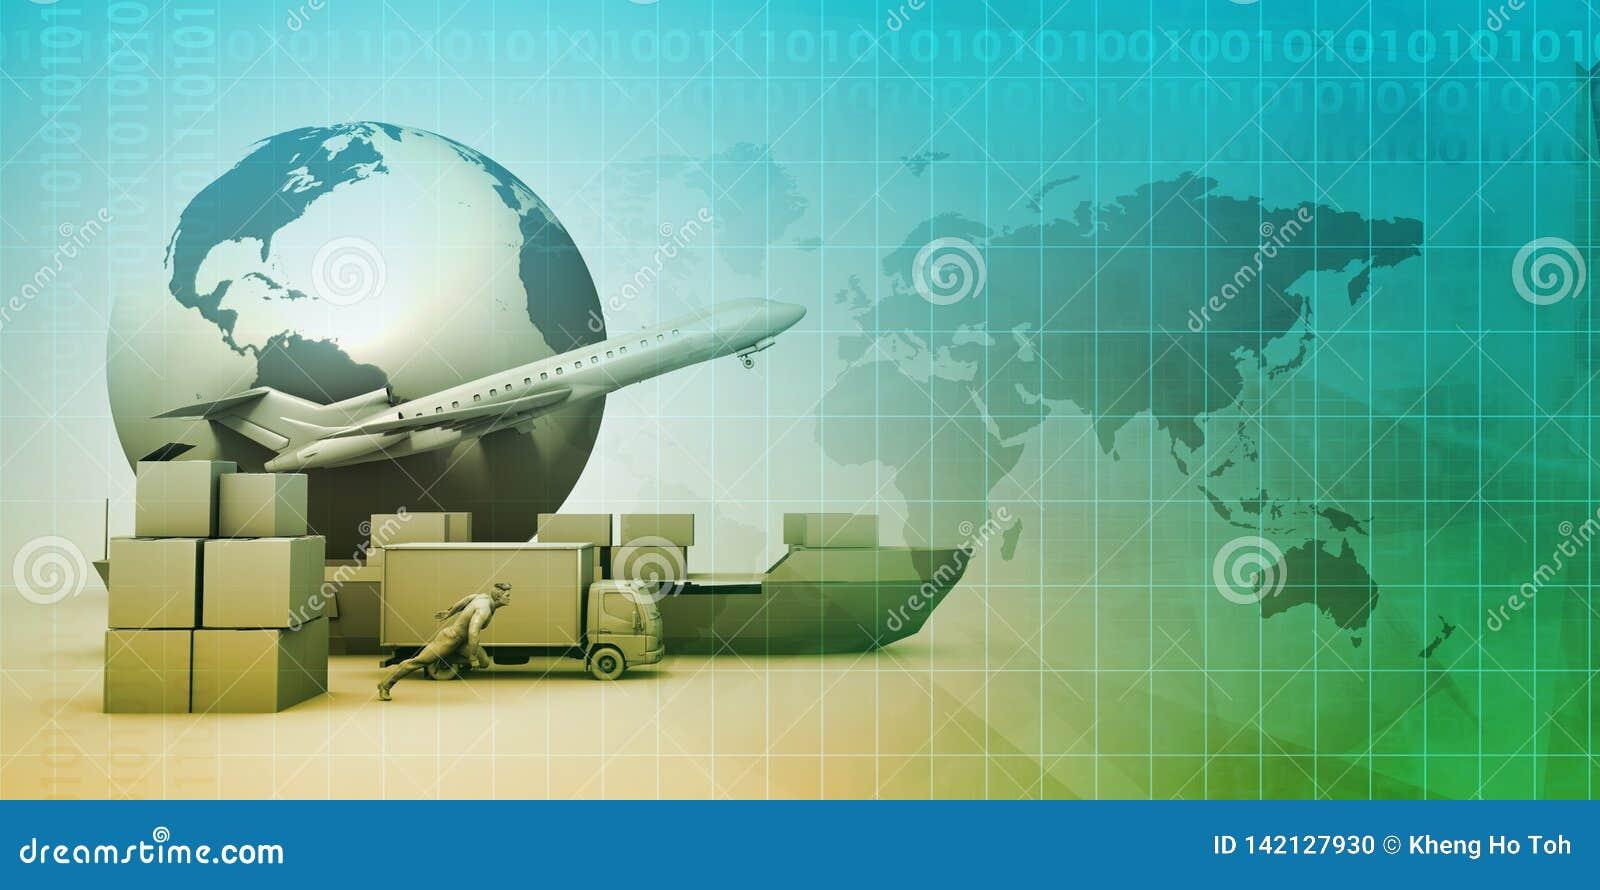 Παγκόσμιο δίκτυο διανομής